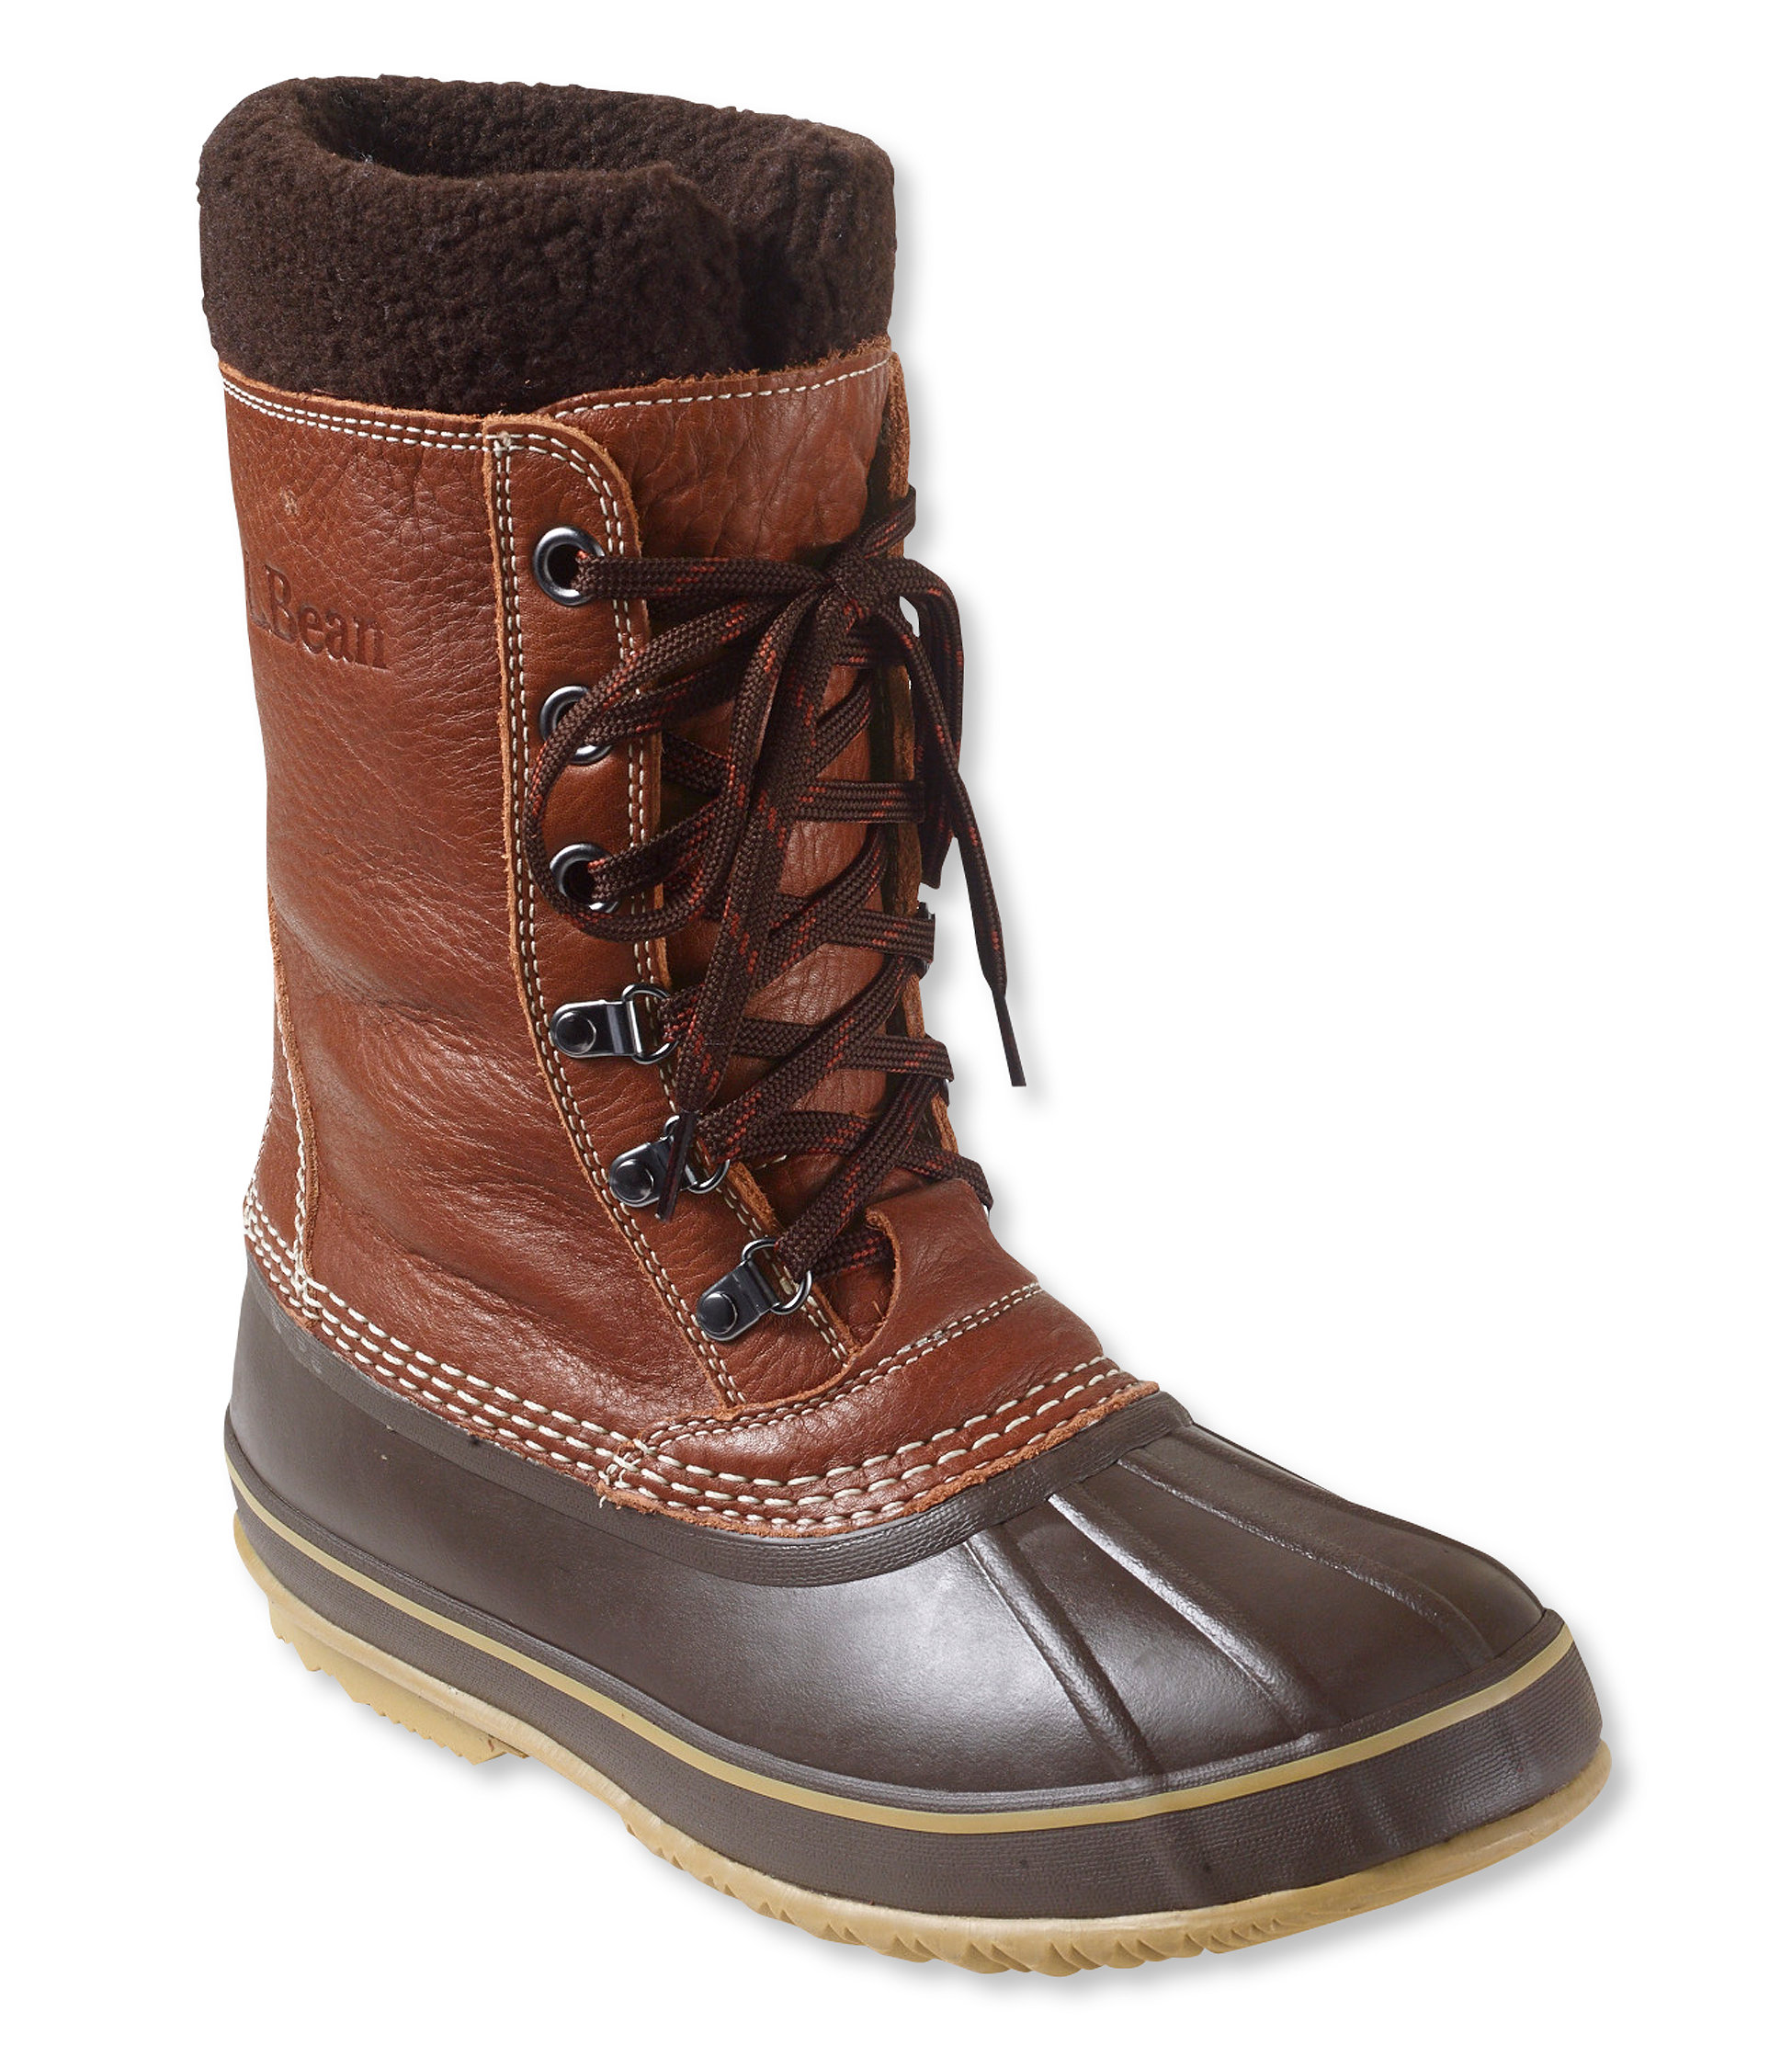 L.L.Bean Snow Boots